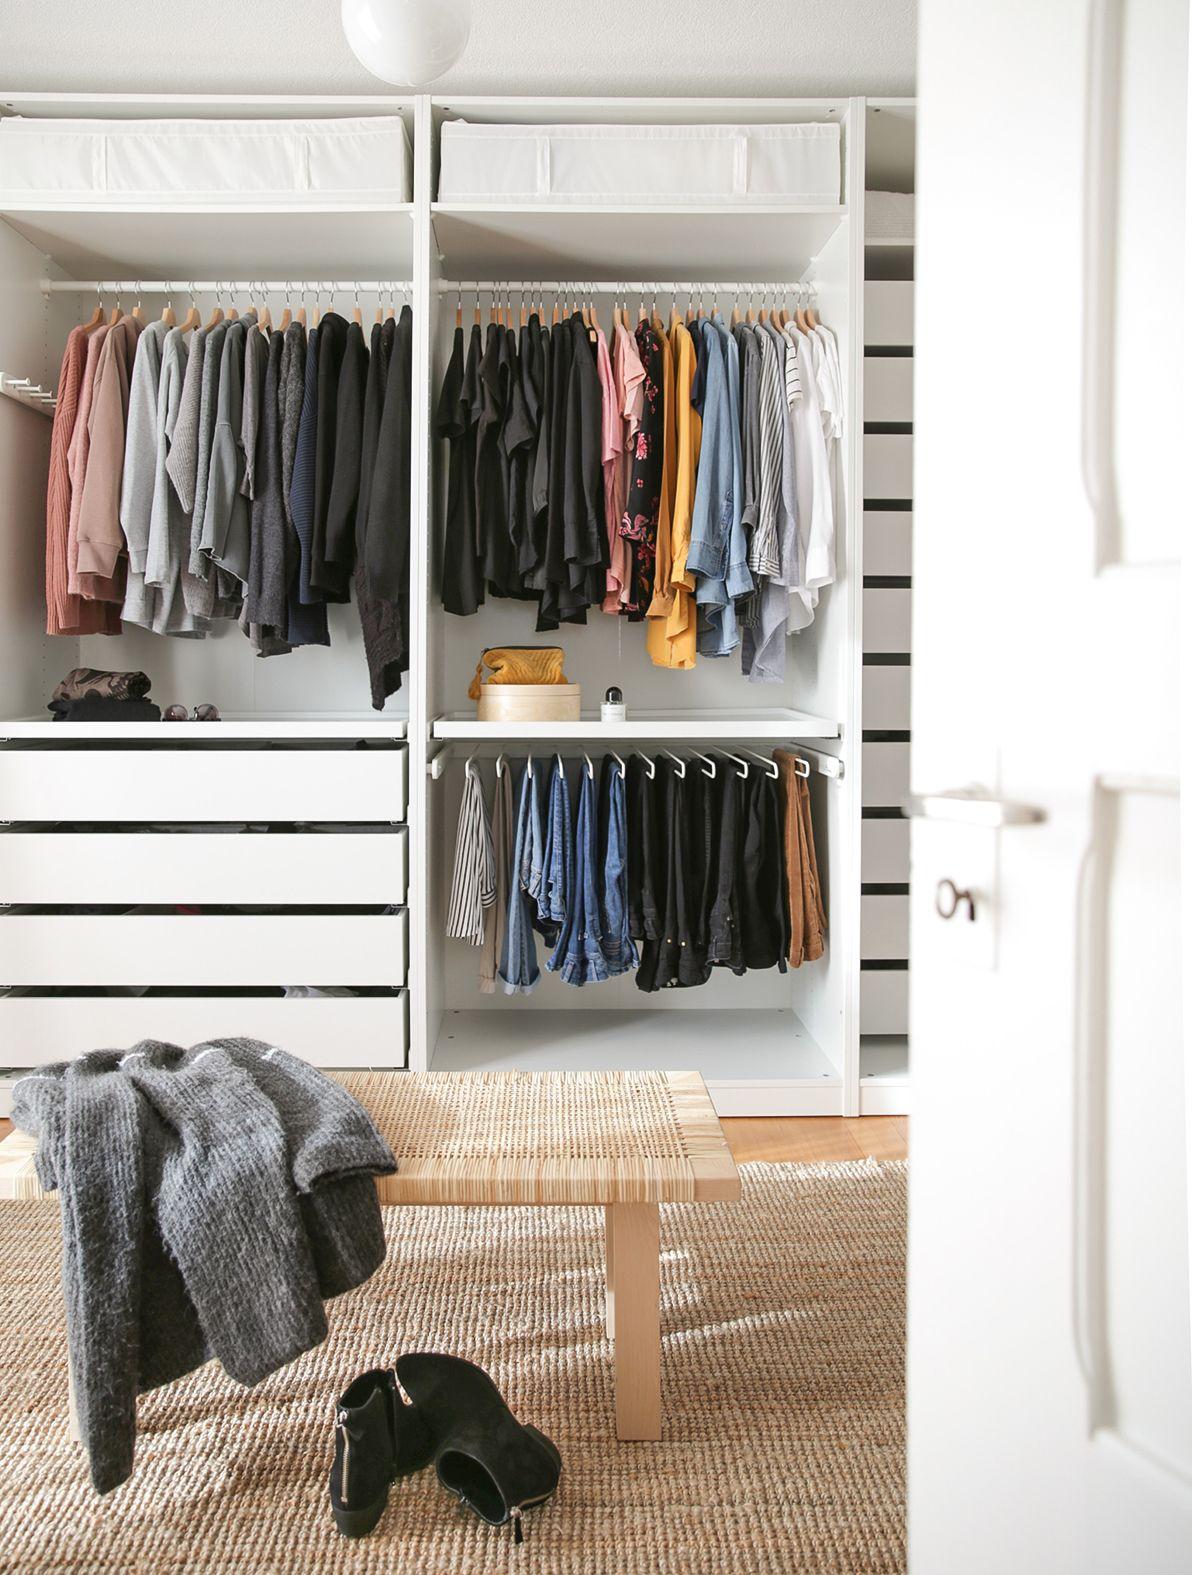 Unser Neues Ankleidezimmer Das Perfekte Weihnachtsgeschenk Lilaliv Ankleide Zimmer Ankleidezimmer Ankleide